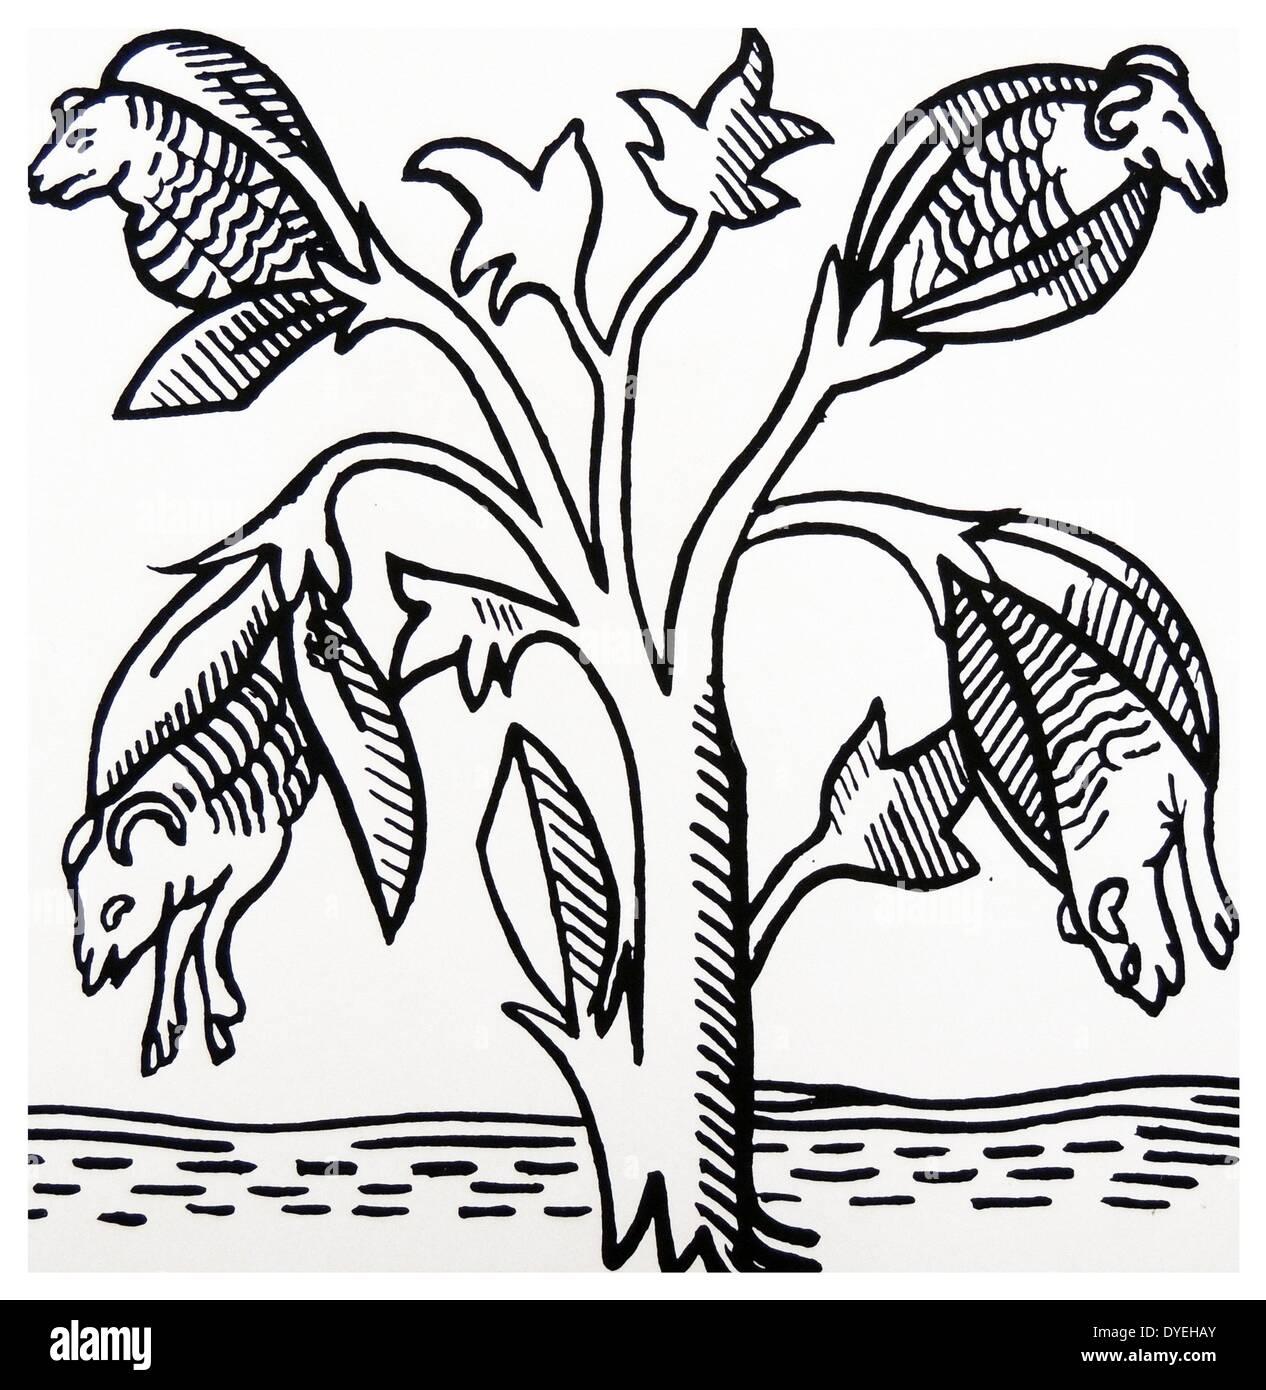 Variation der Weißwangengans Legende Stockbild